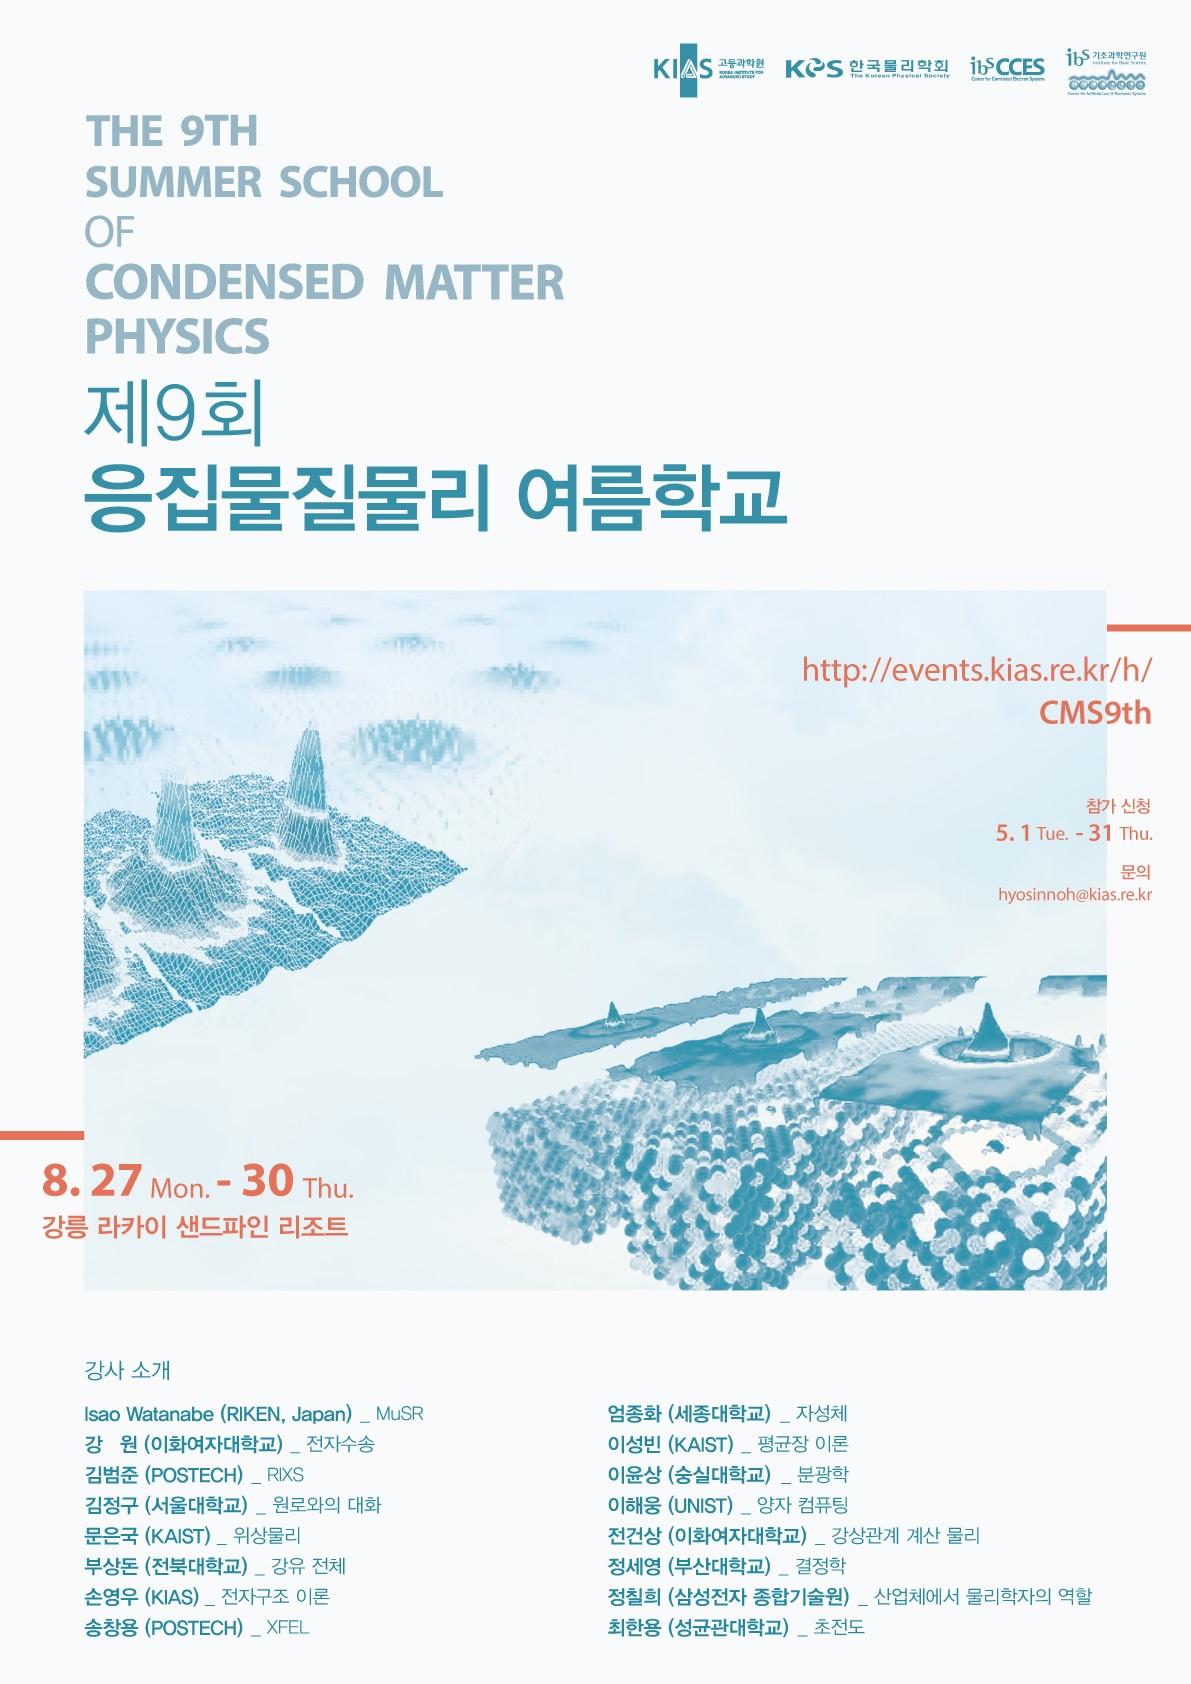 제9회 응집물질물리 여름학교.jpg